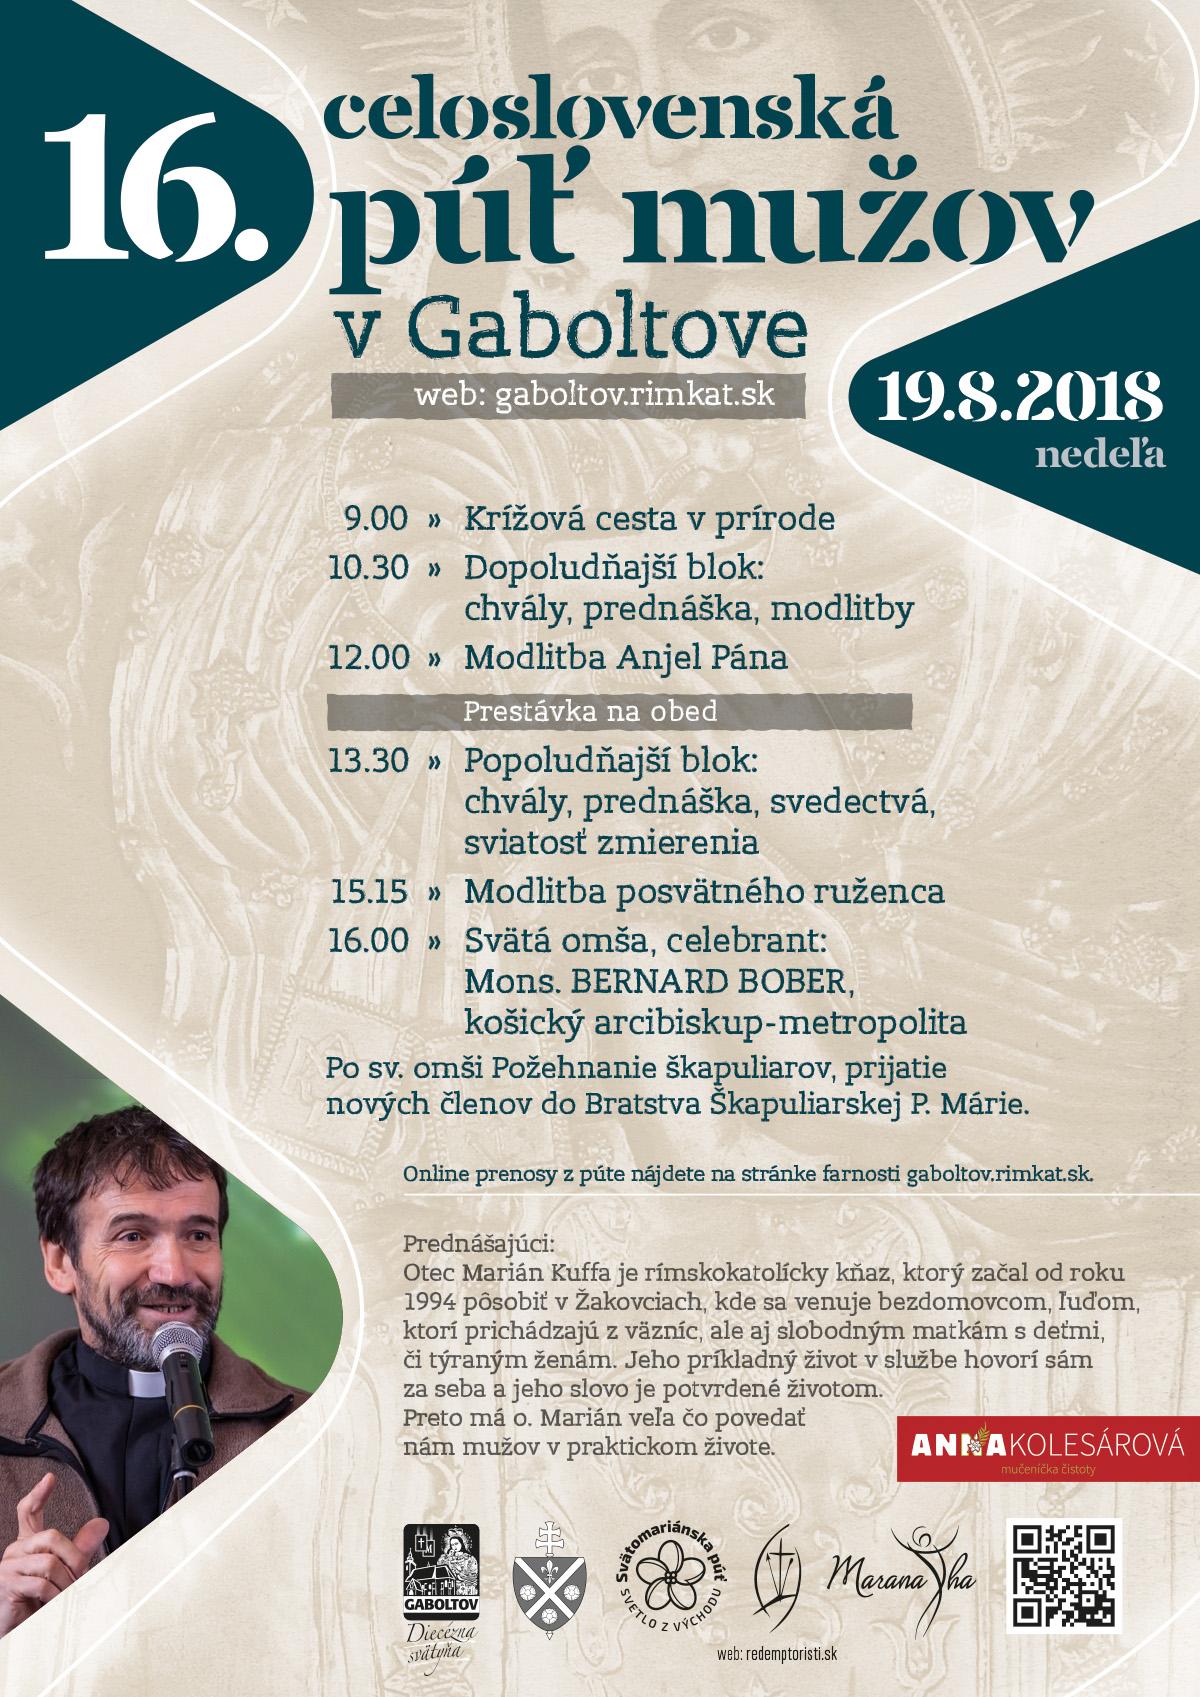 16. celoslovenská púť mužov v Gaboltove